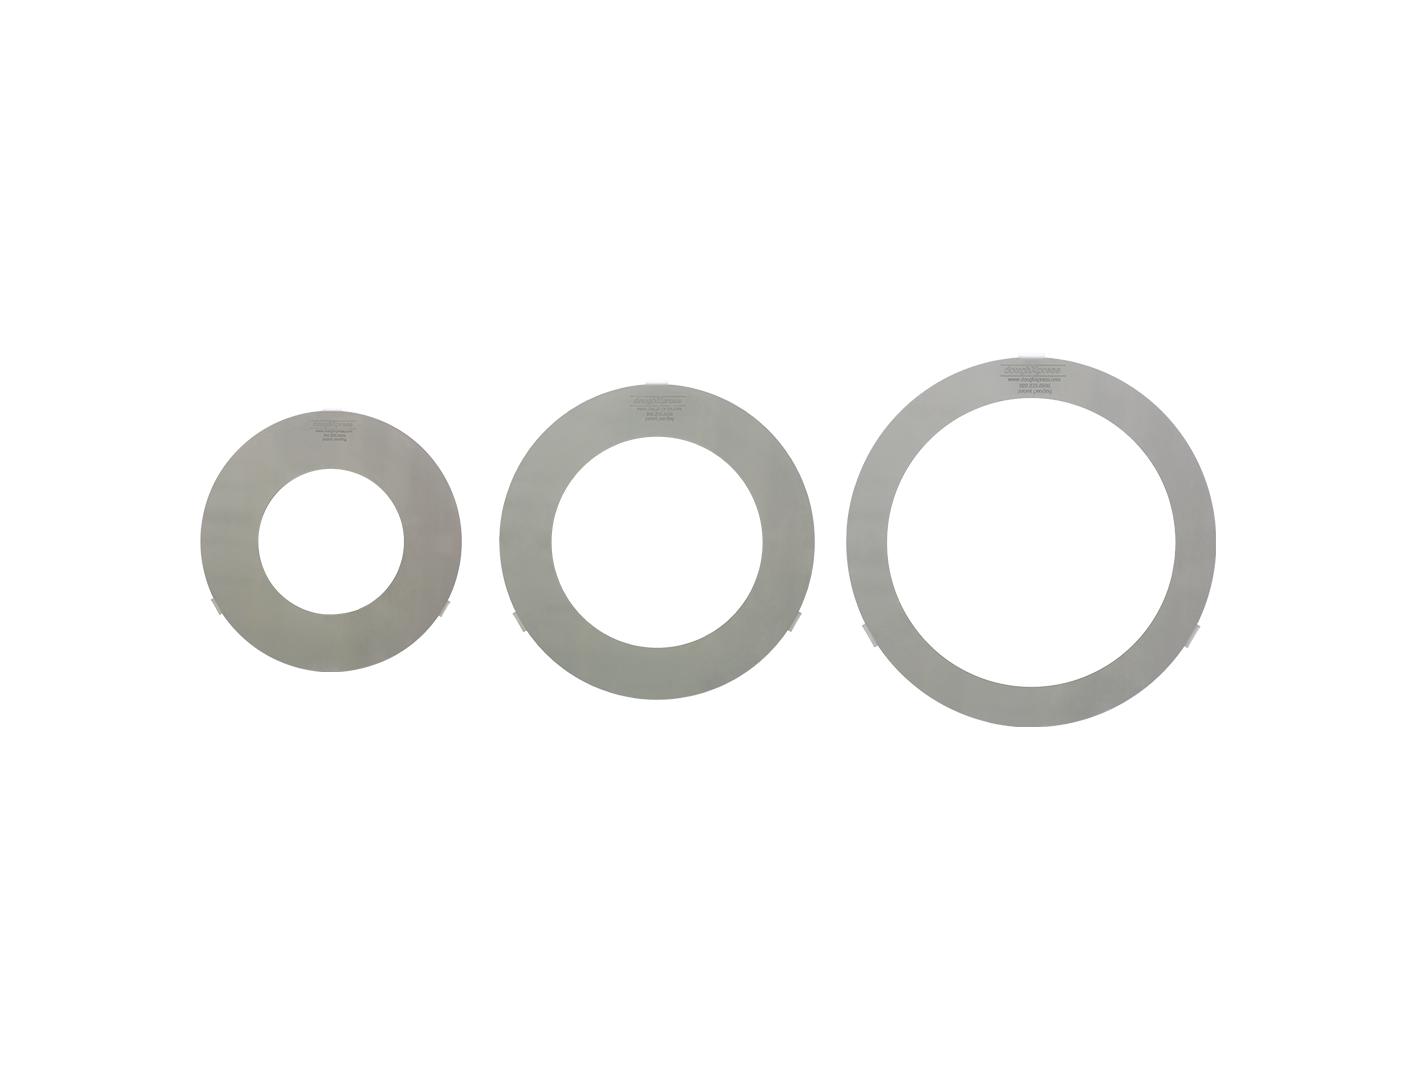 DXP-DR_Web icon